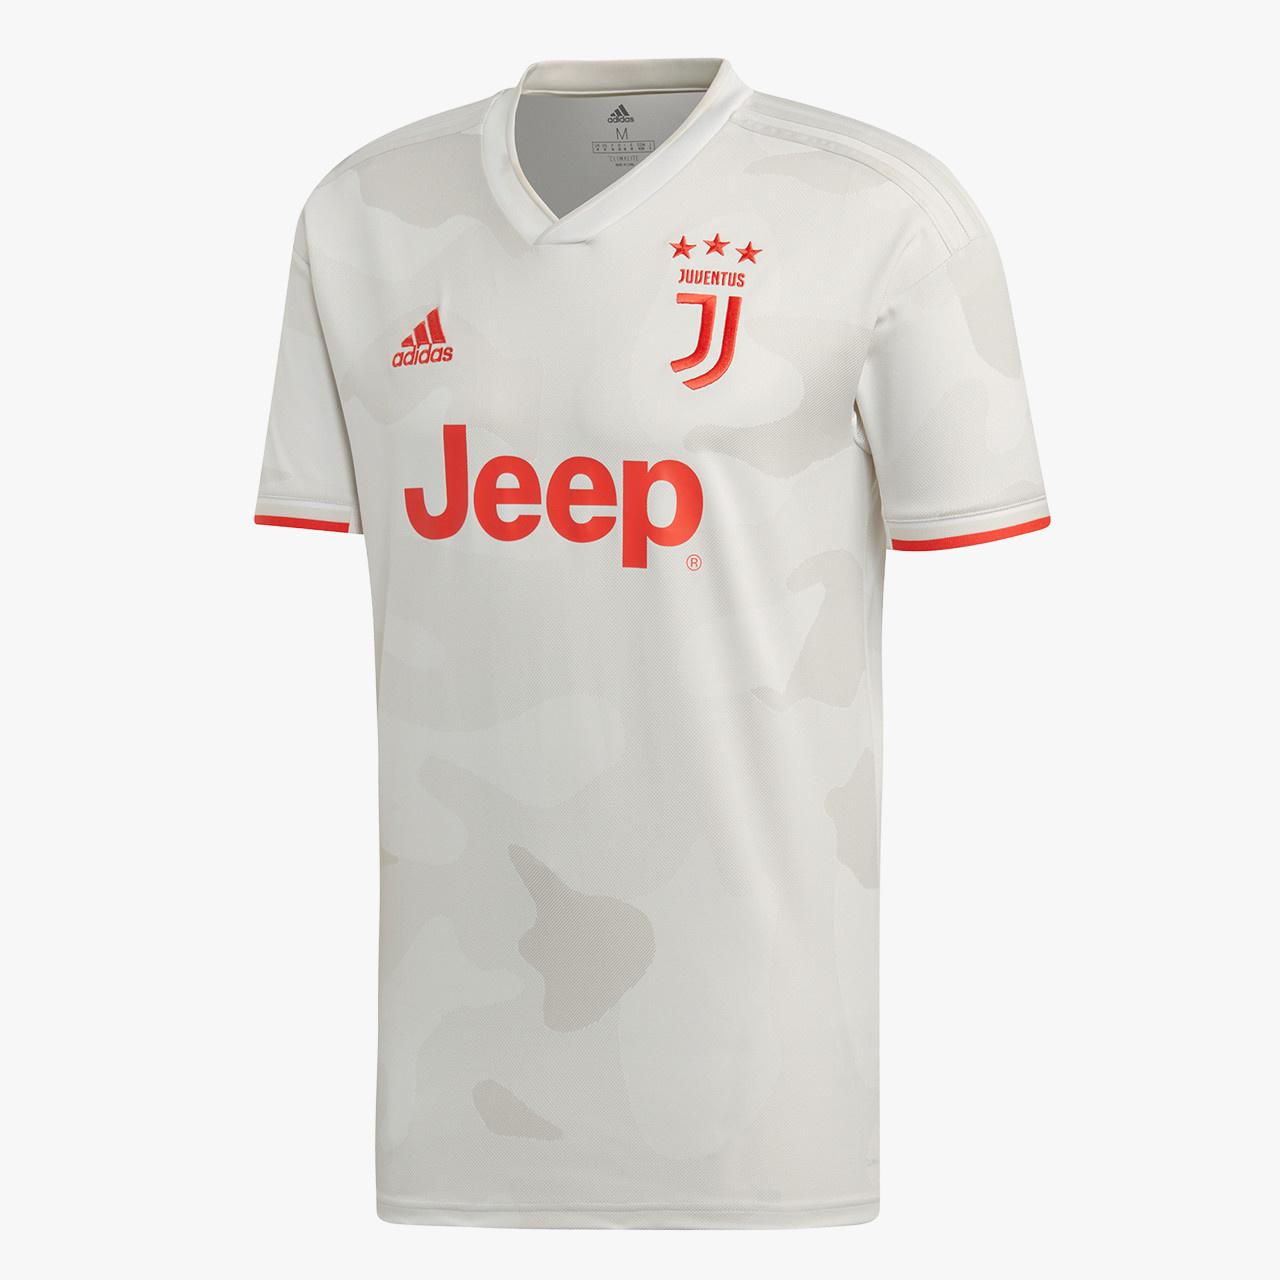 Adidas ADIDAS Juventus Away Jersey '19-'20